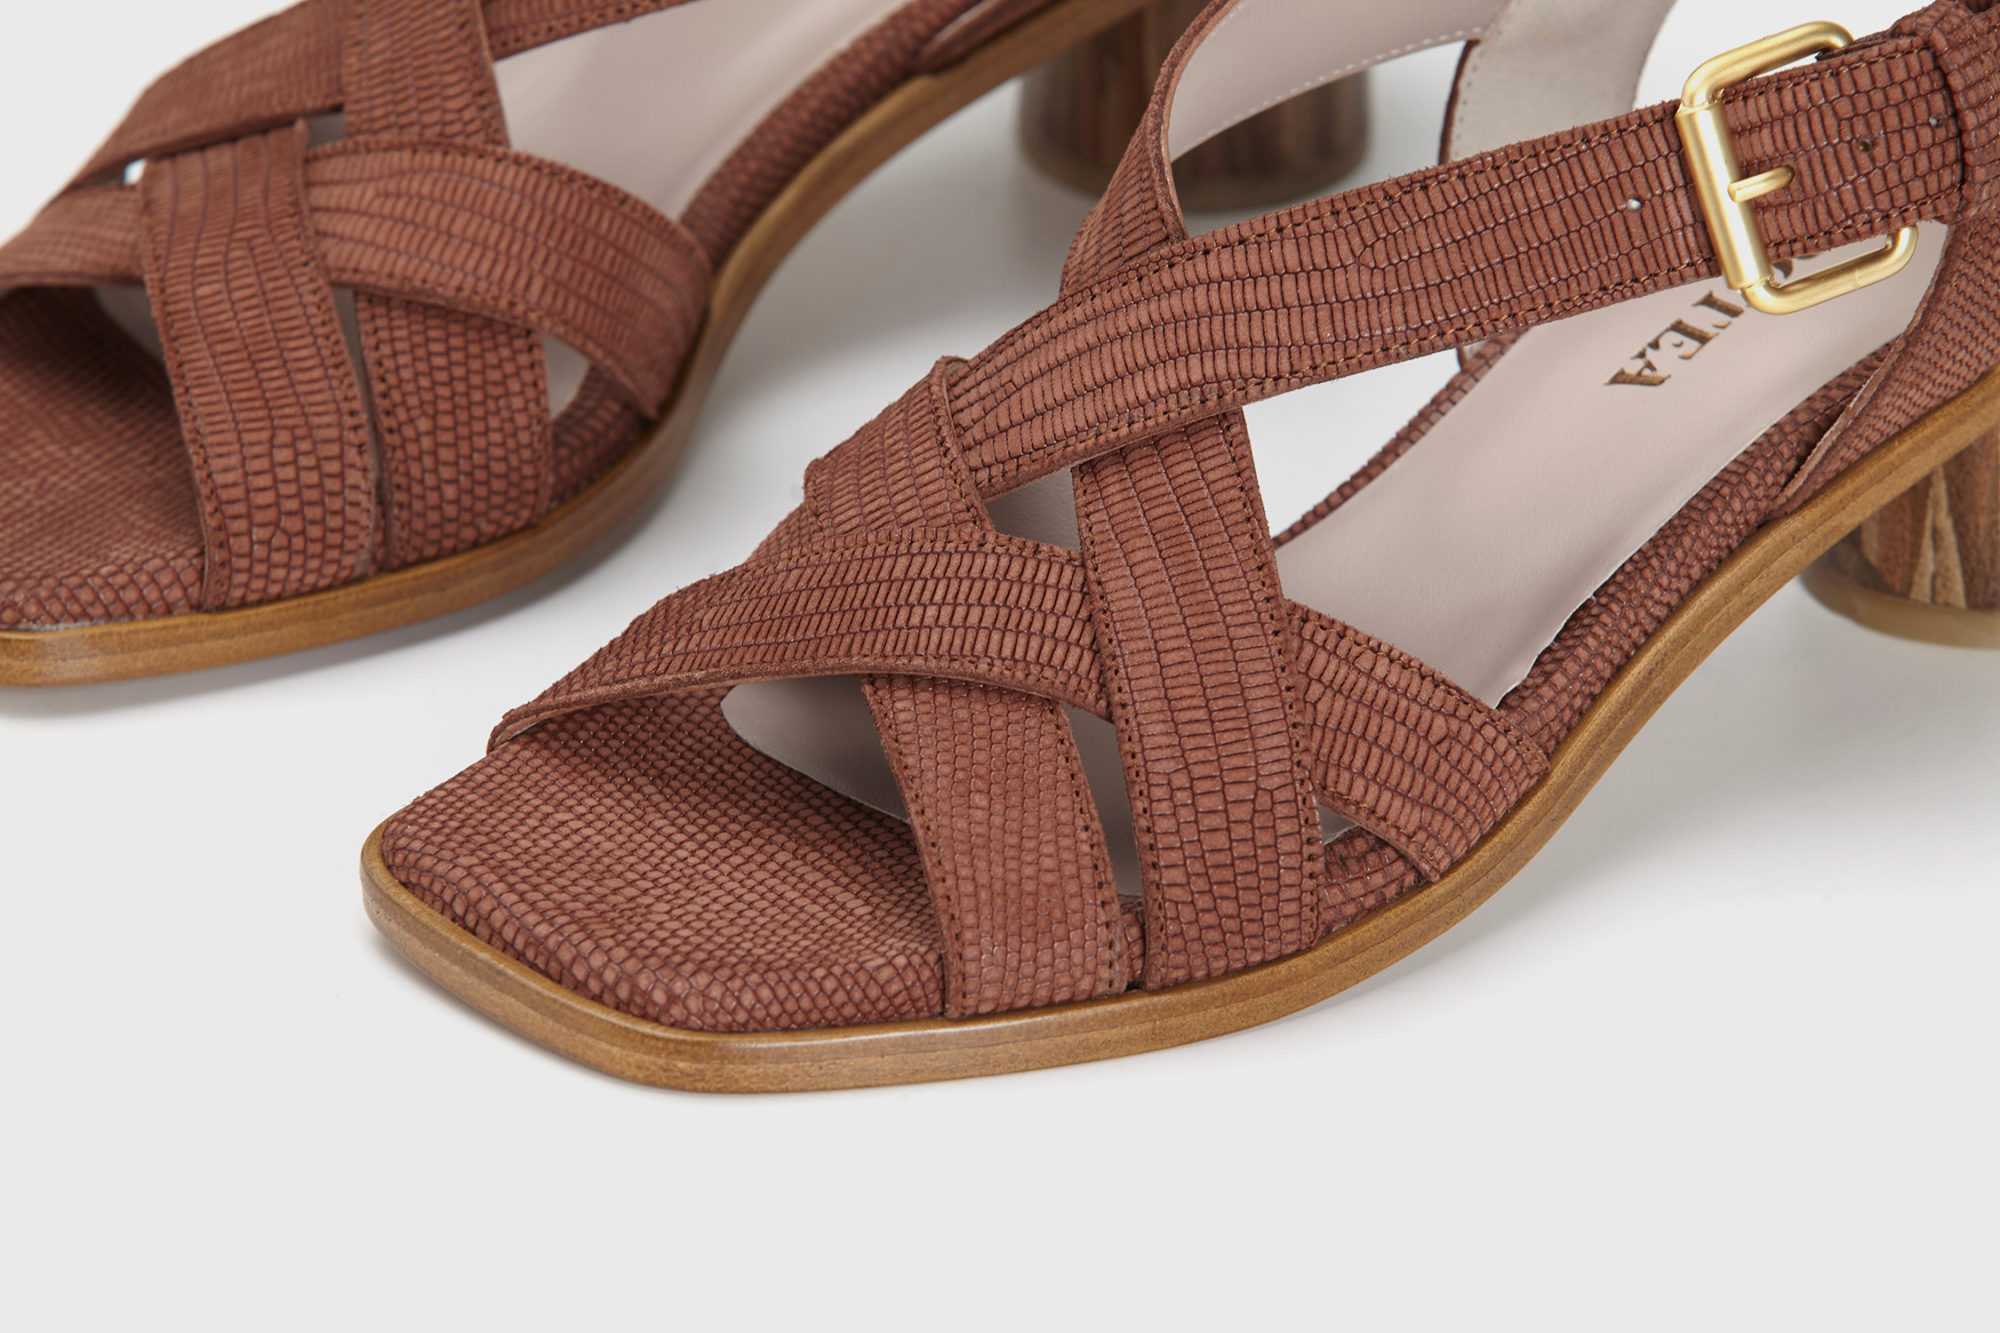 Dorotea sandalia de tacón medio Jeanne marrón ss17 detalle